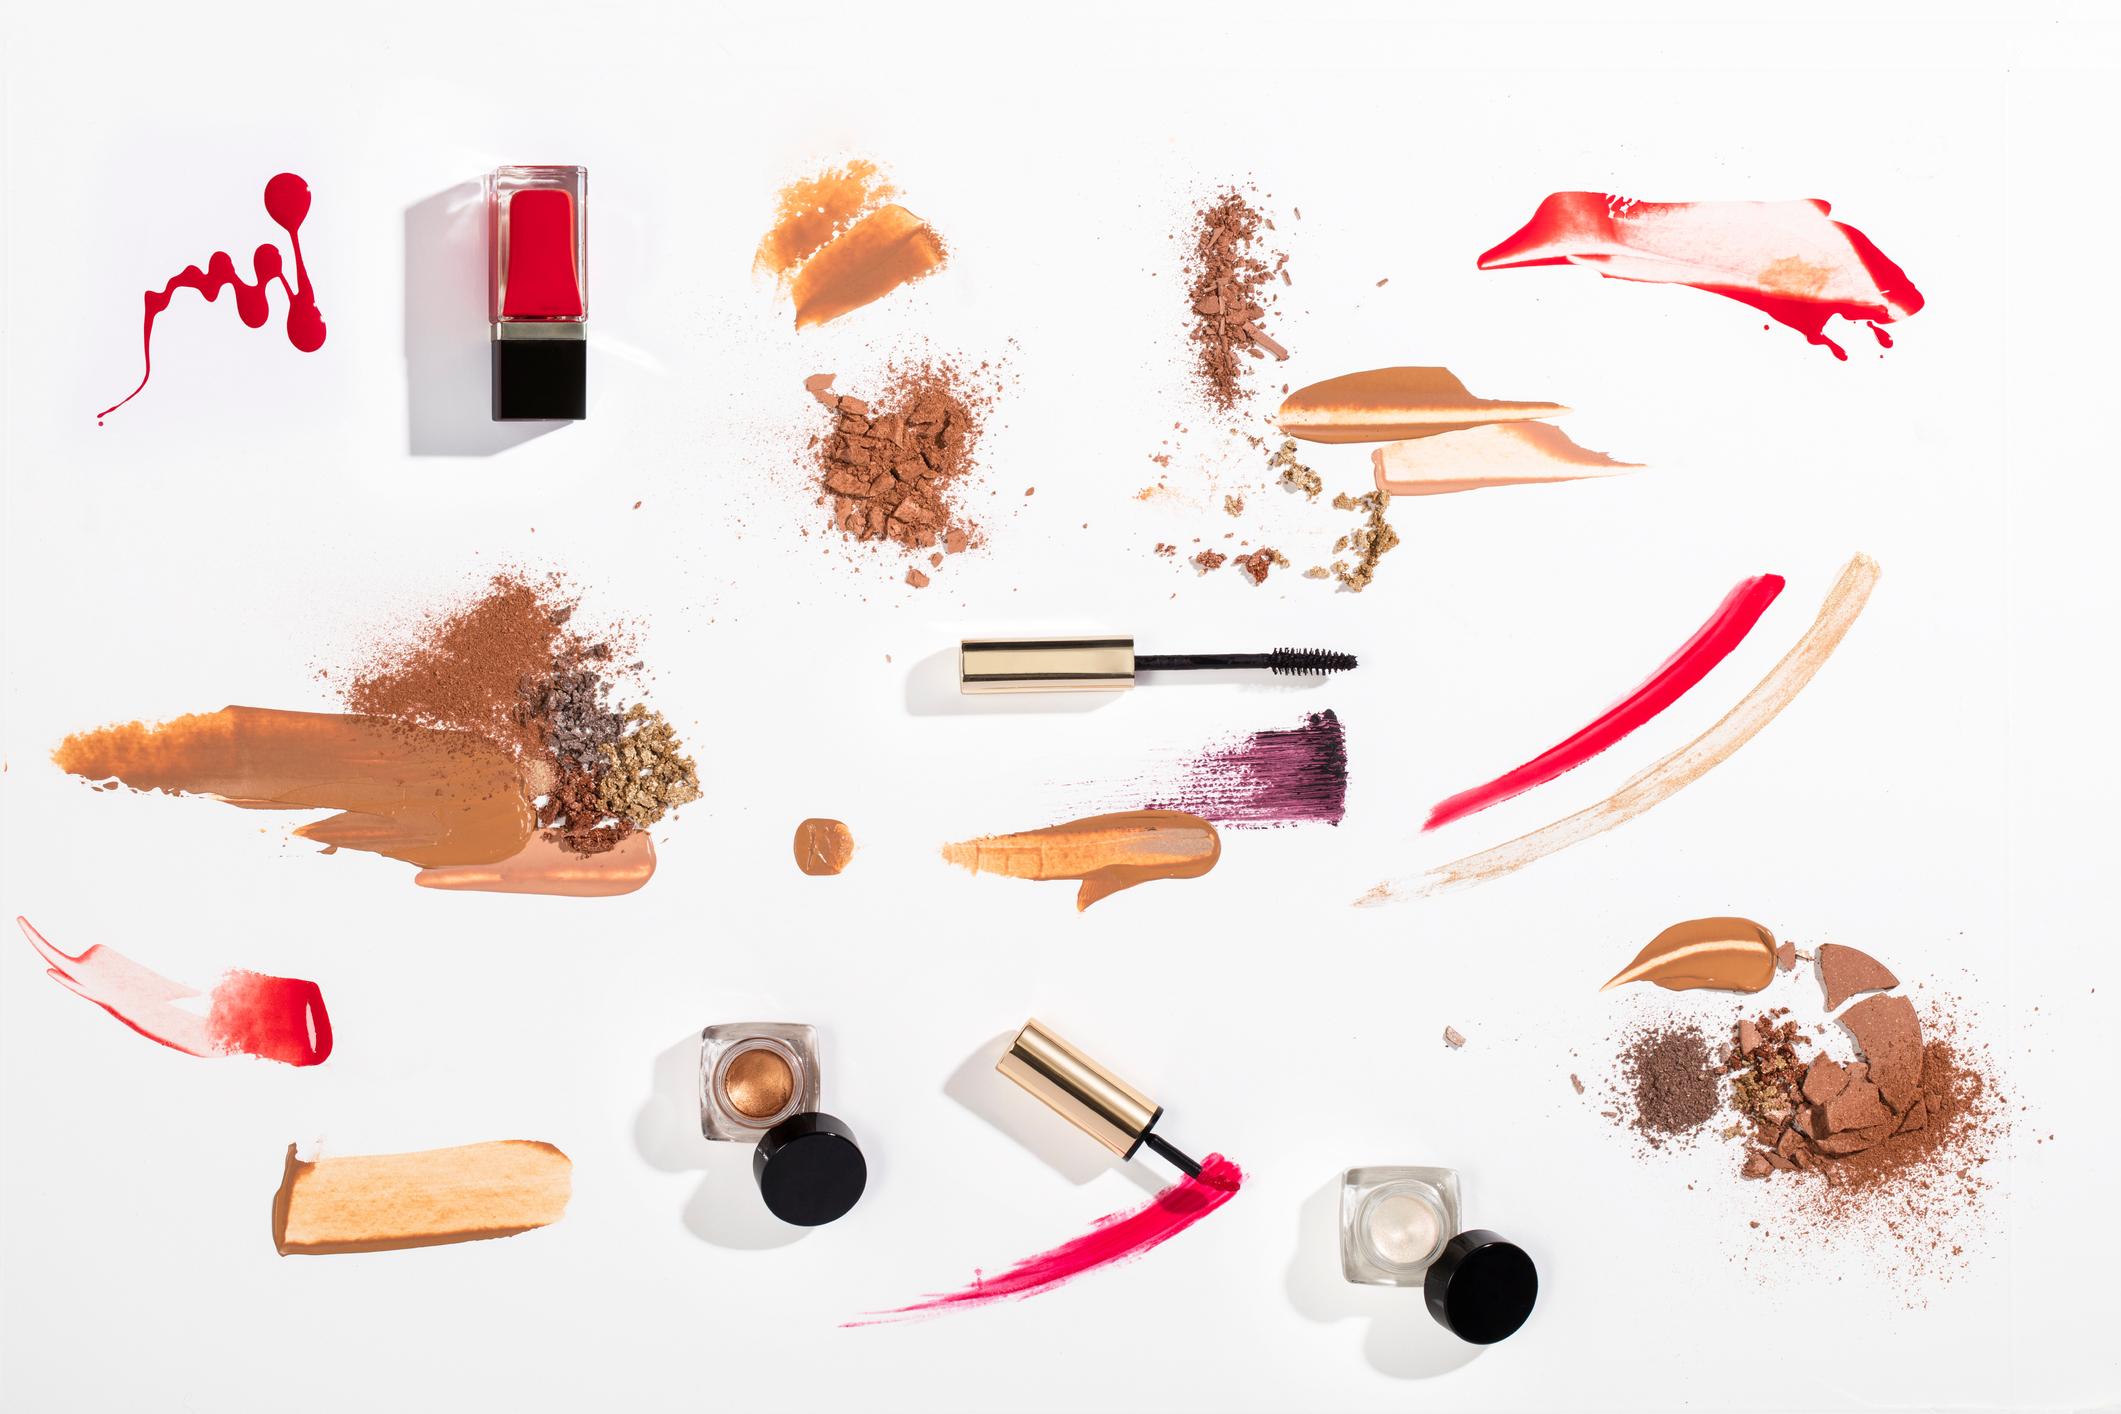 productos de belleza y su contenido líquido y en polvo esparcido sobre un fondo blanco